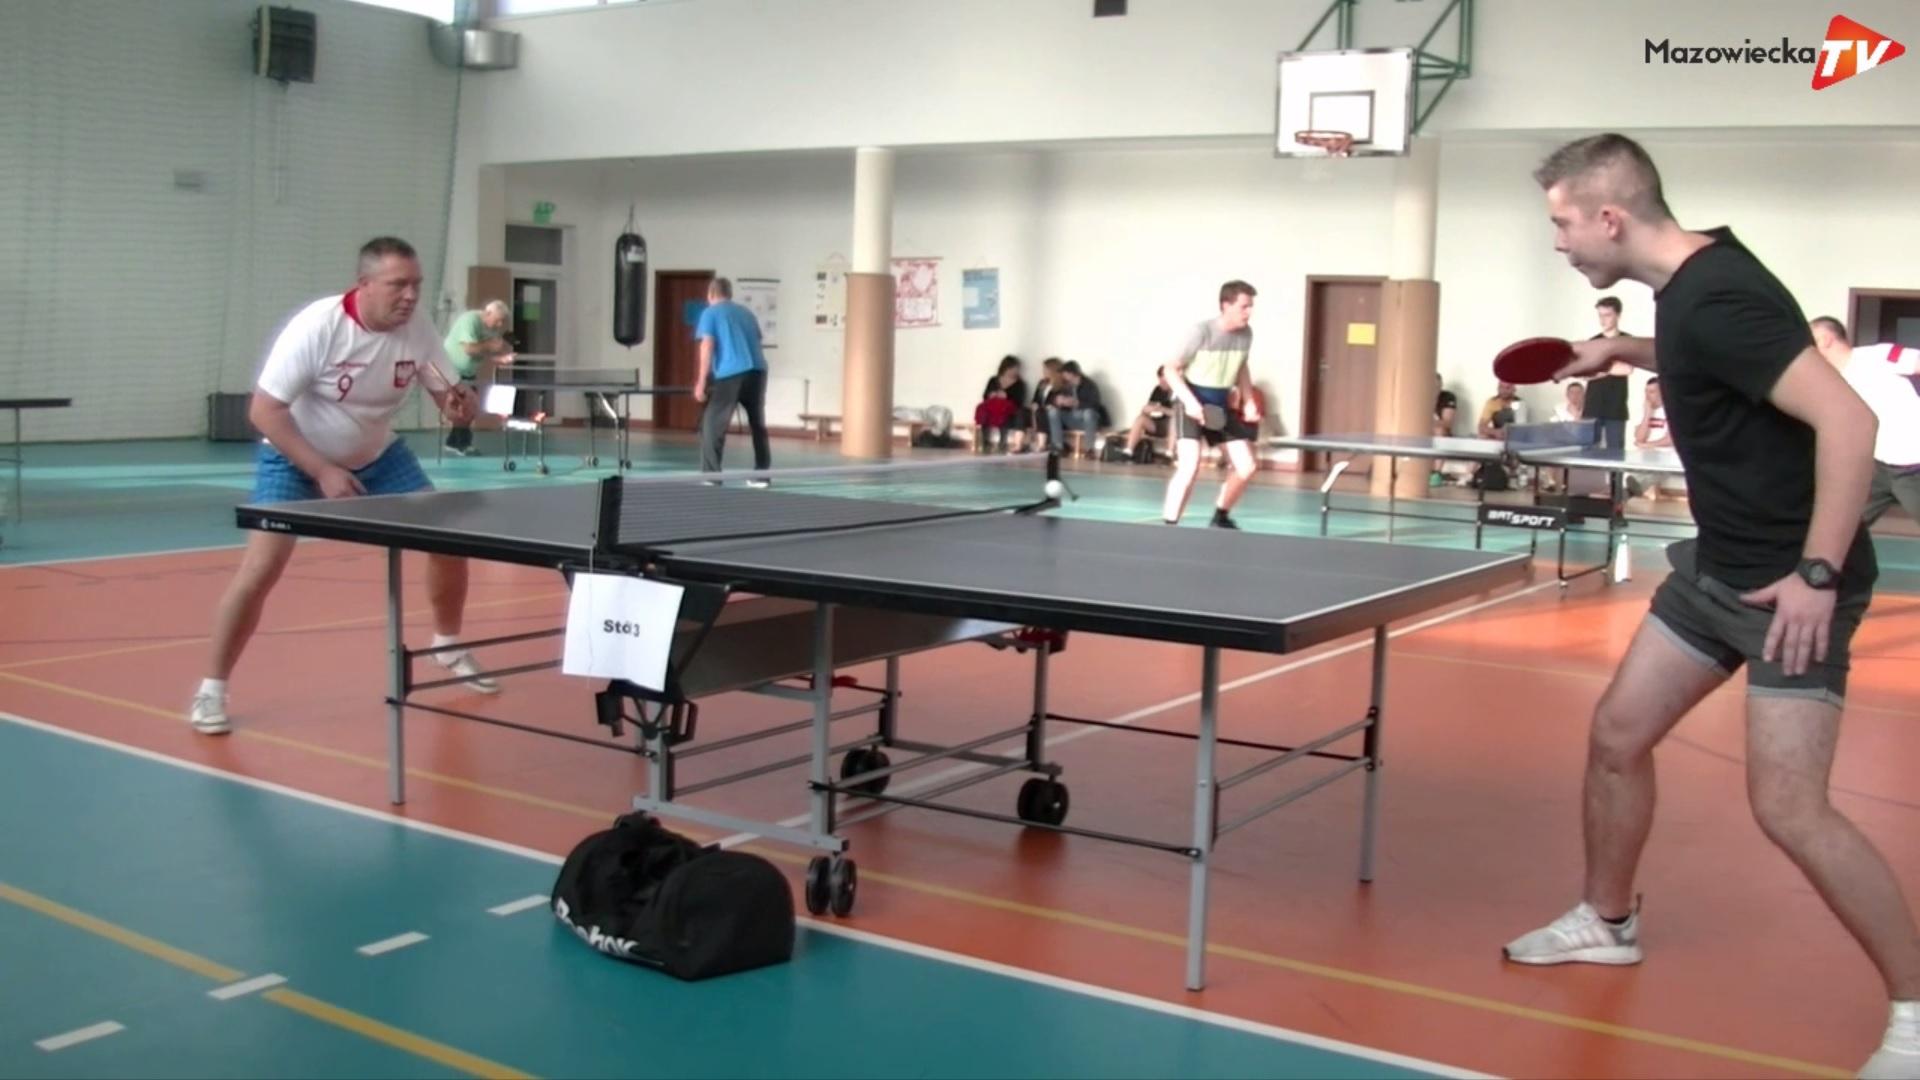 VII Turniej Tenisa Stołowego w Sułkowicach